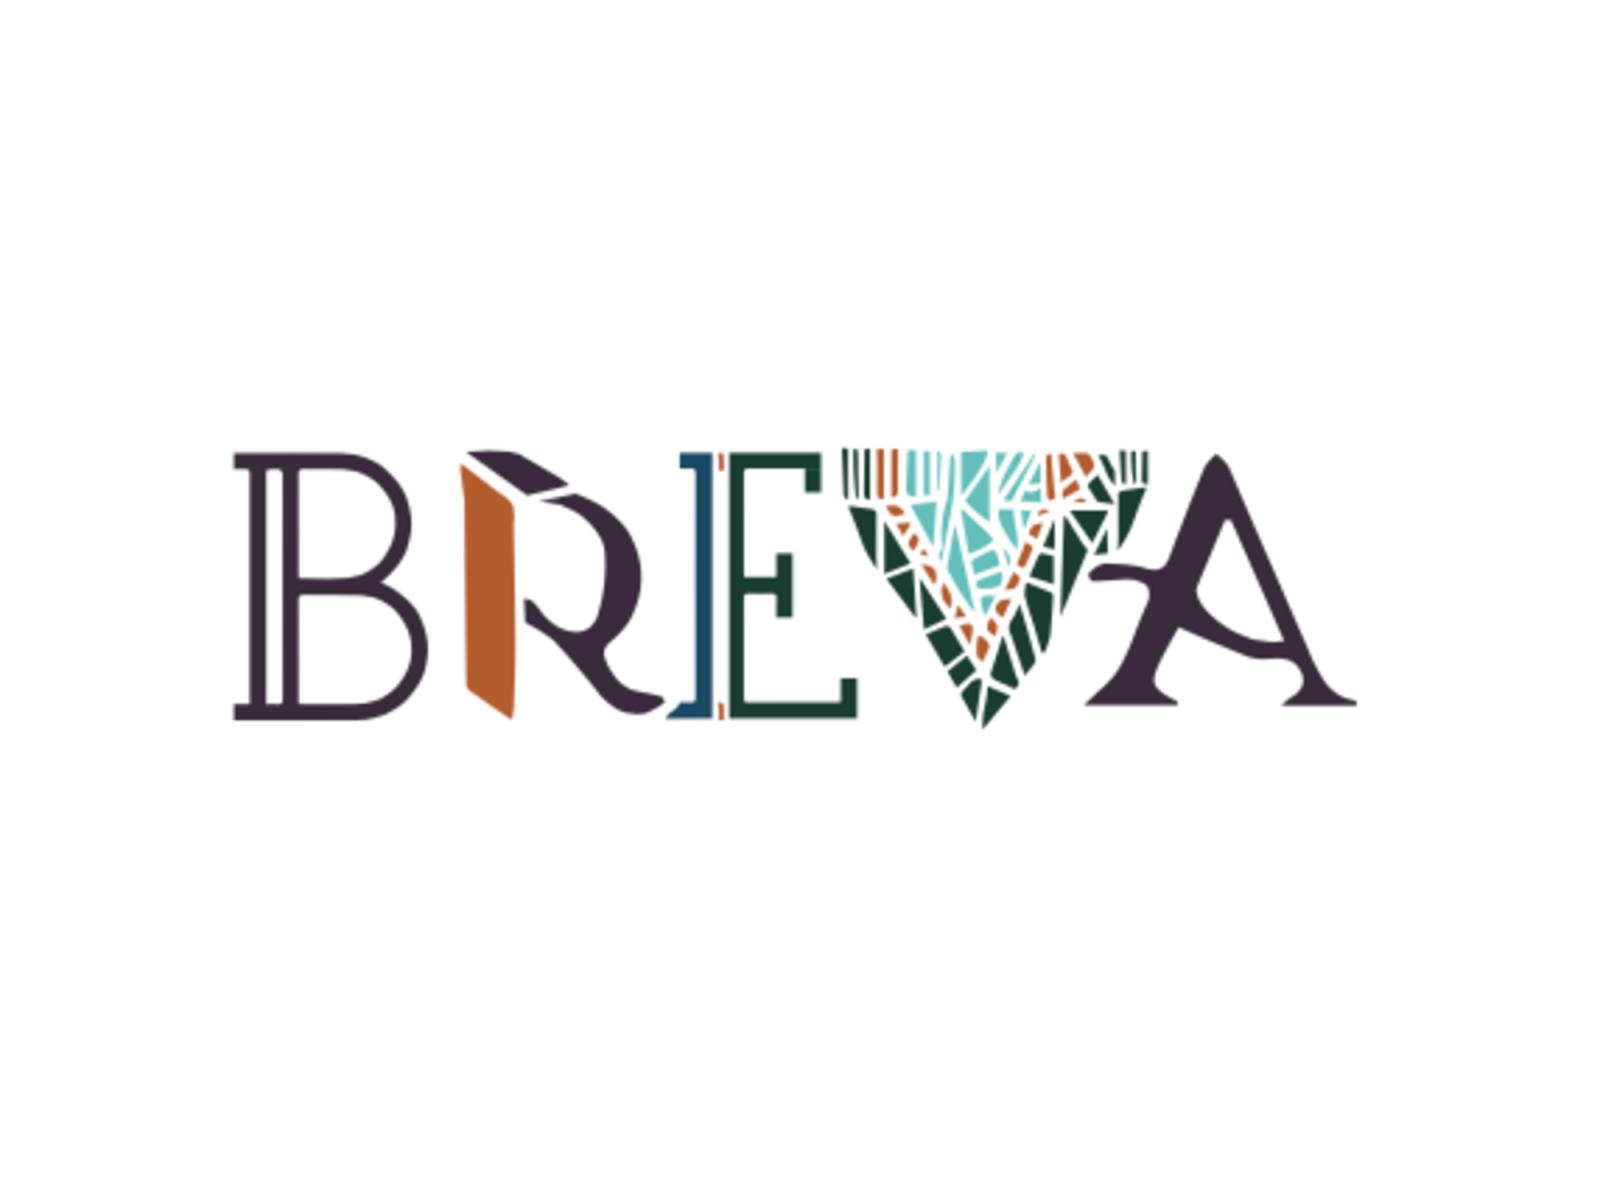 Breva